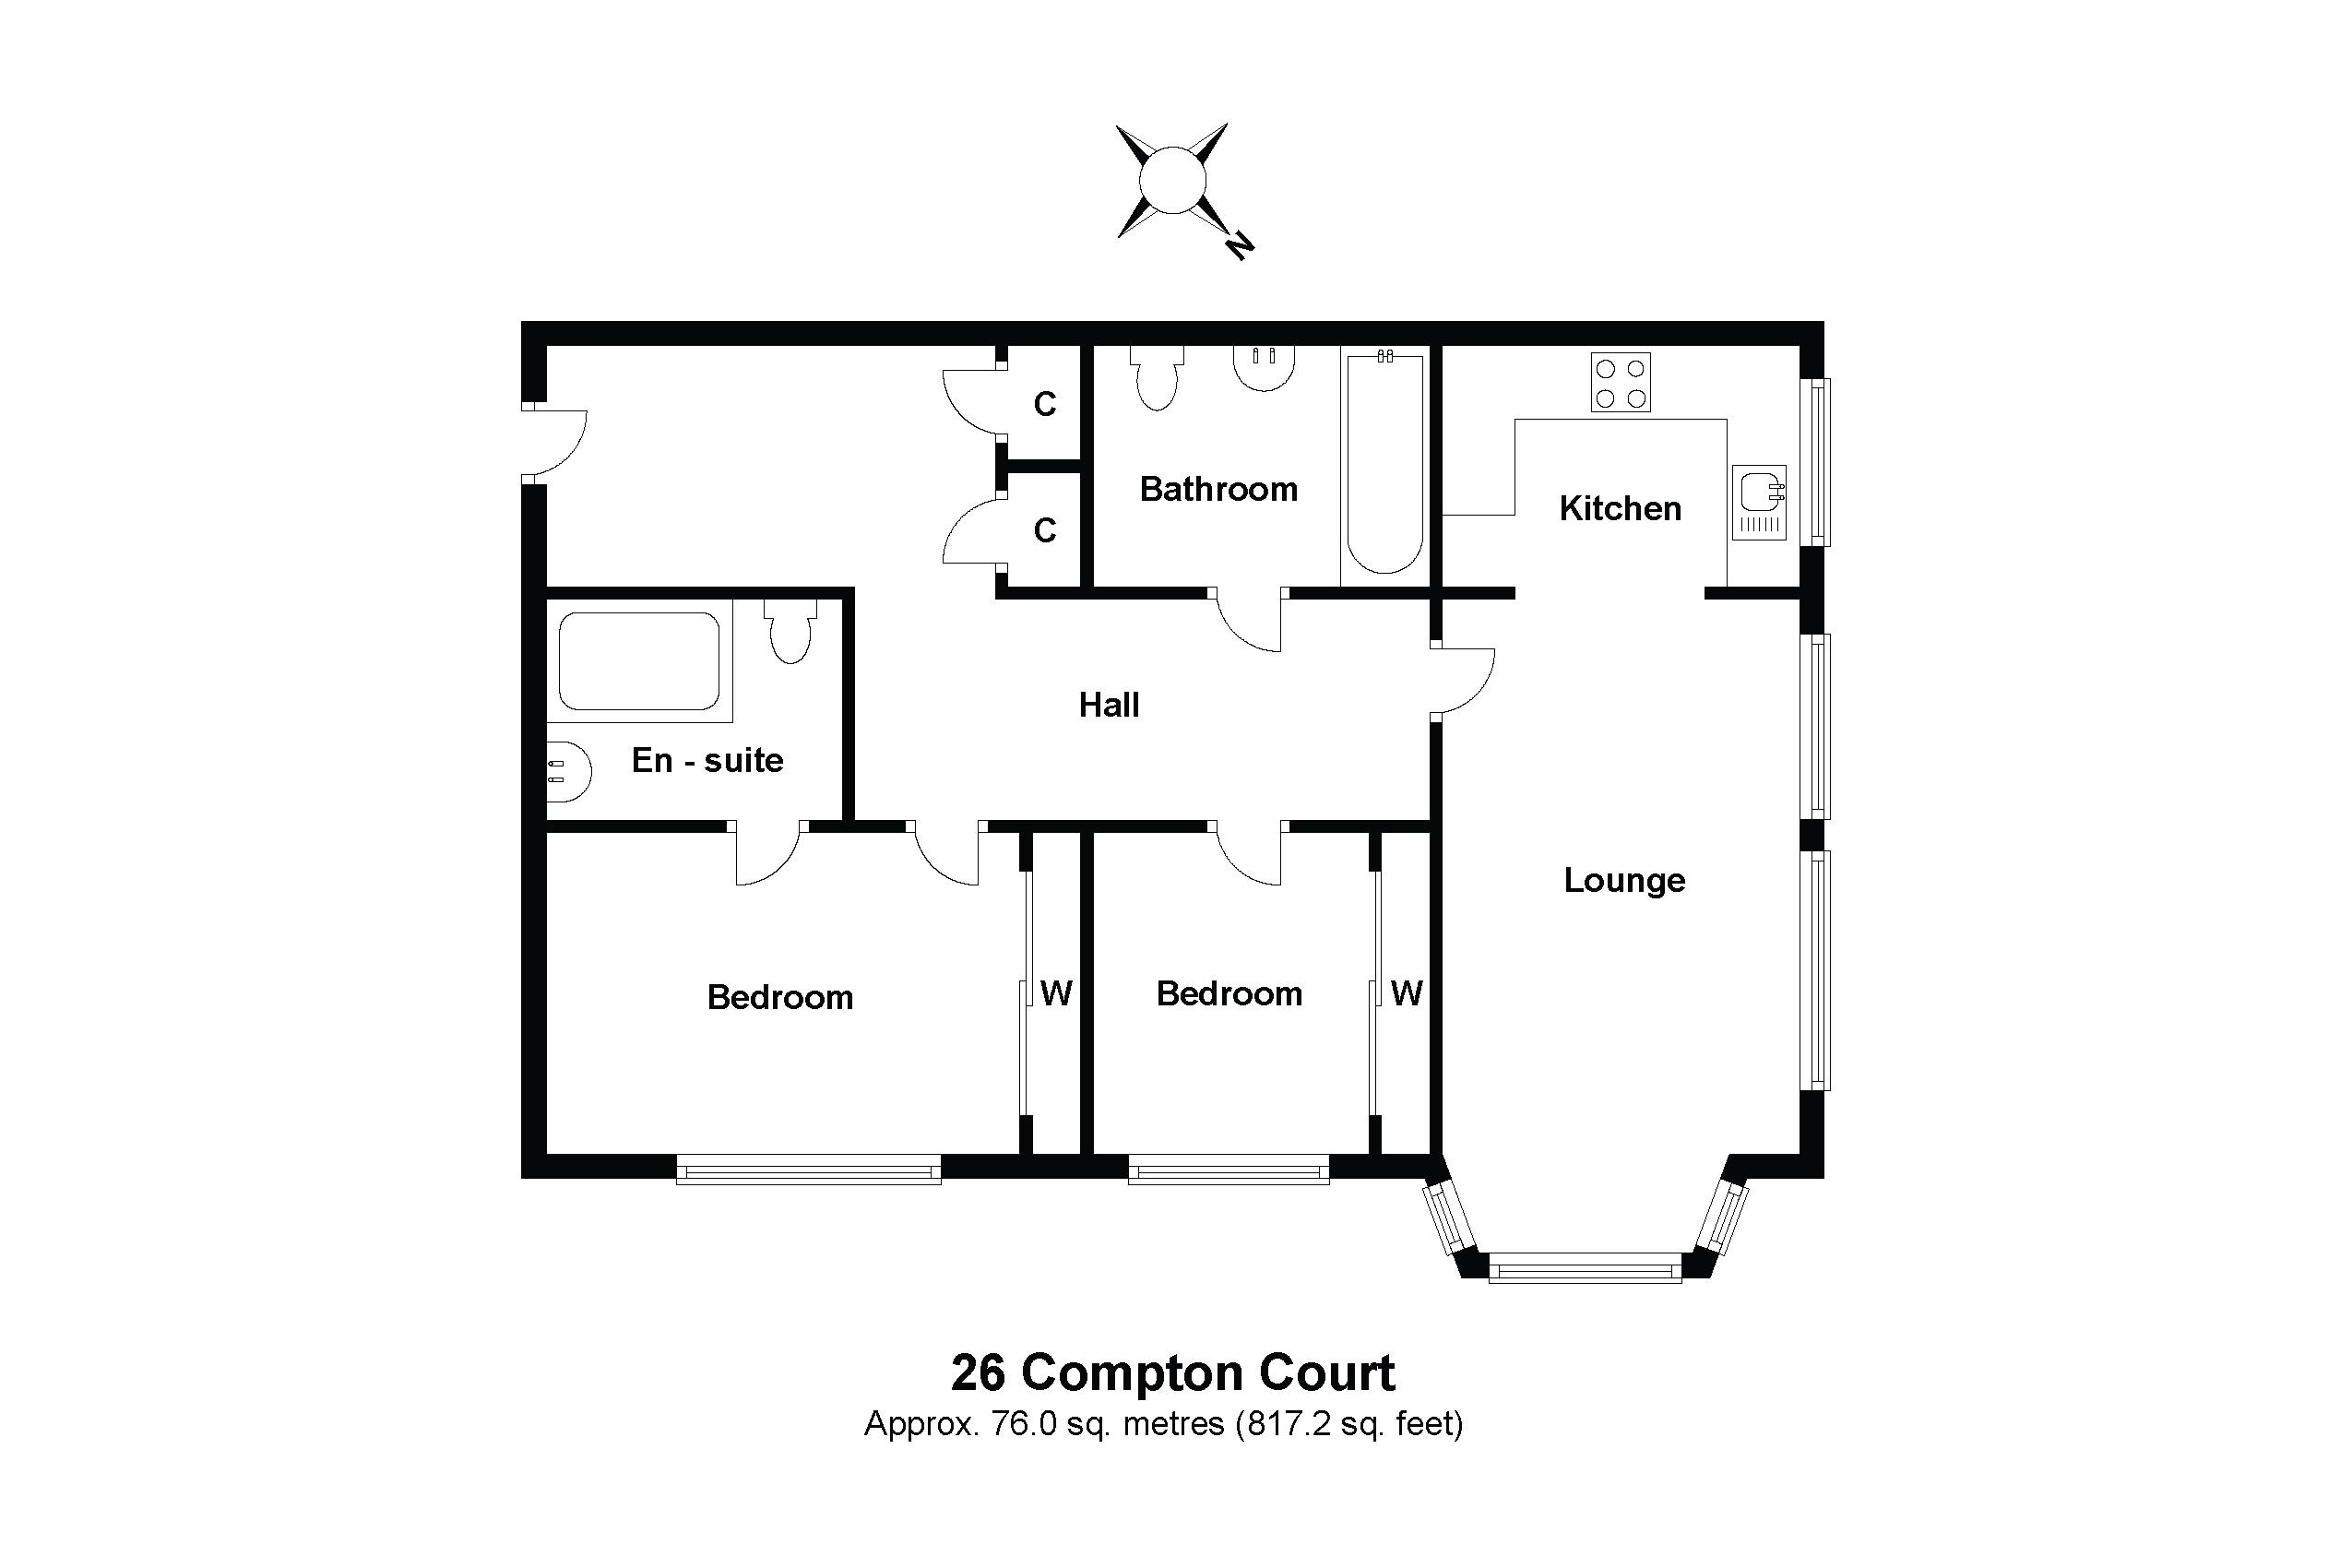 26 Compton Court Floorplan